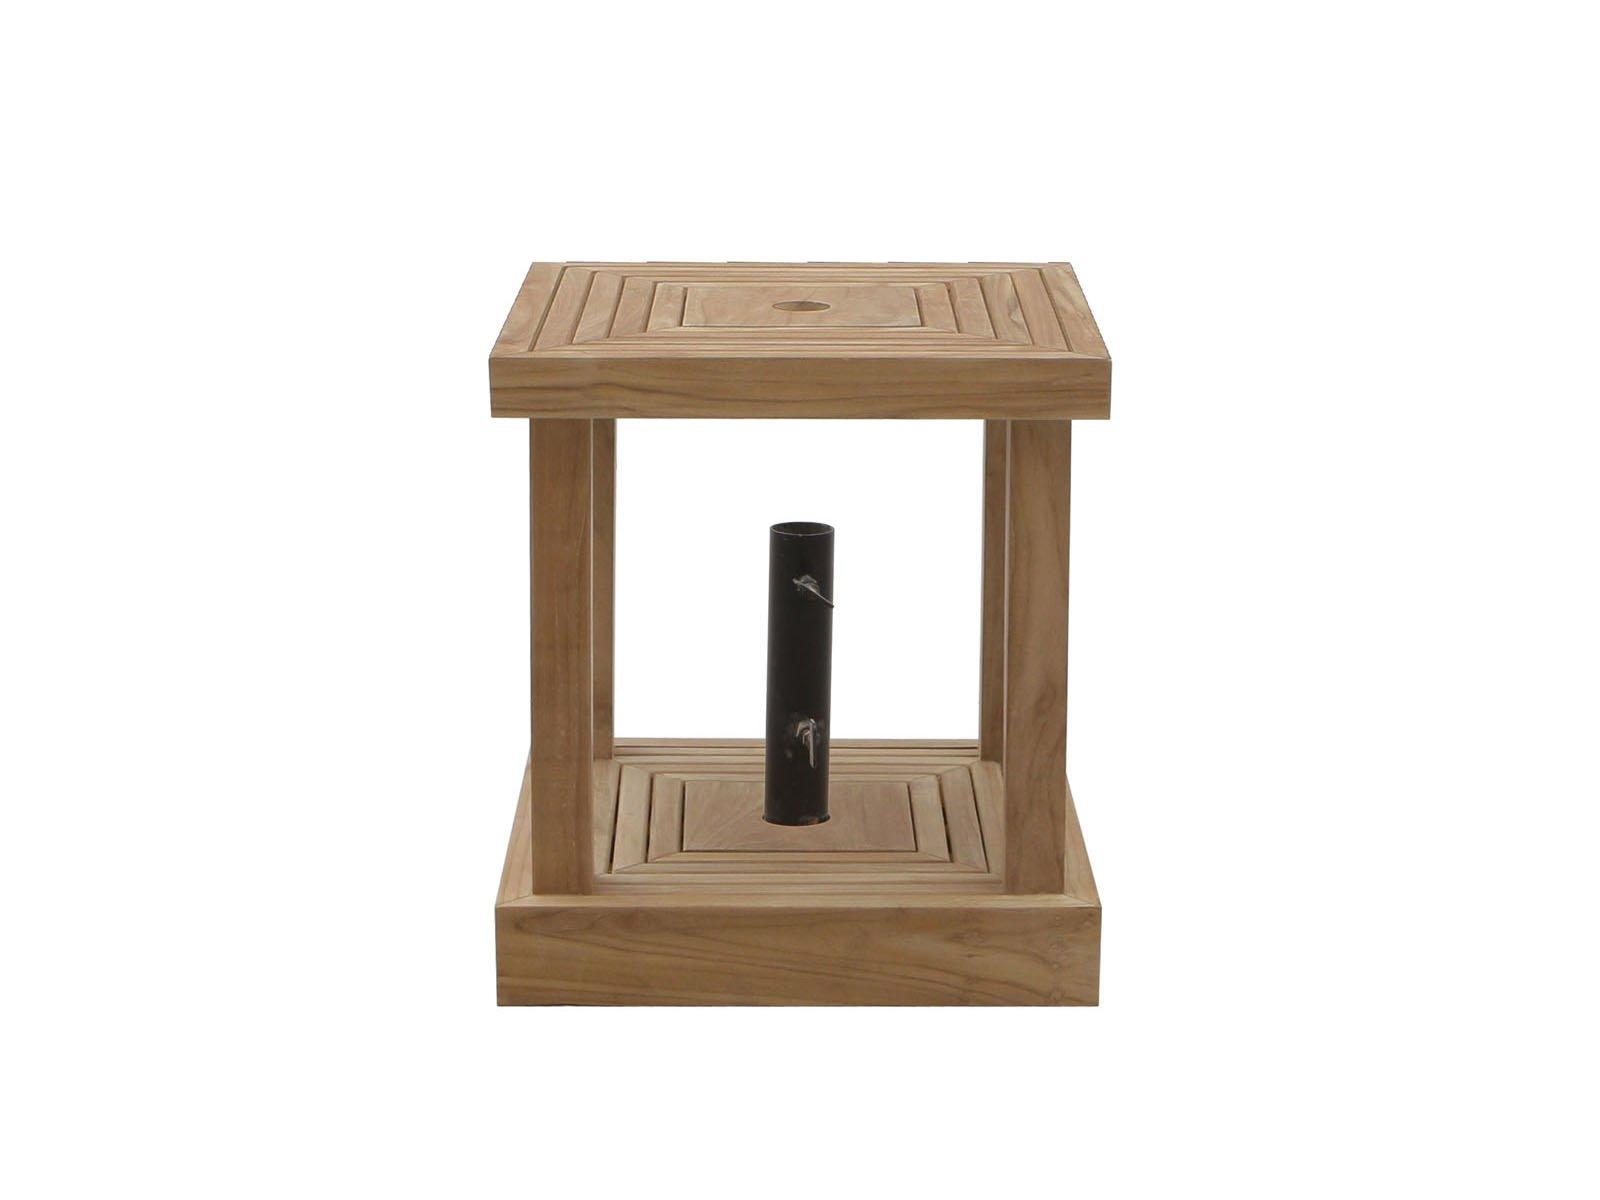 Il giardino di legno prodotti di arredo esterno in teak inox e